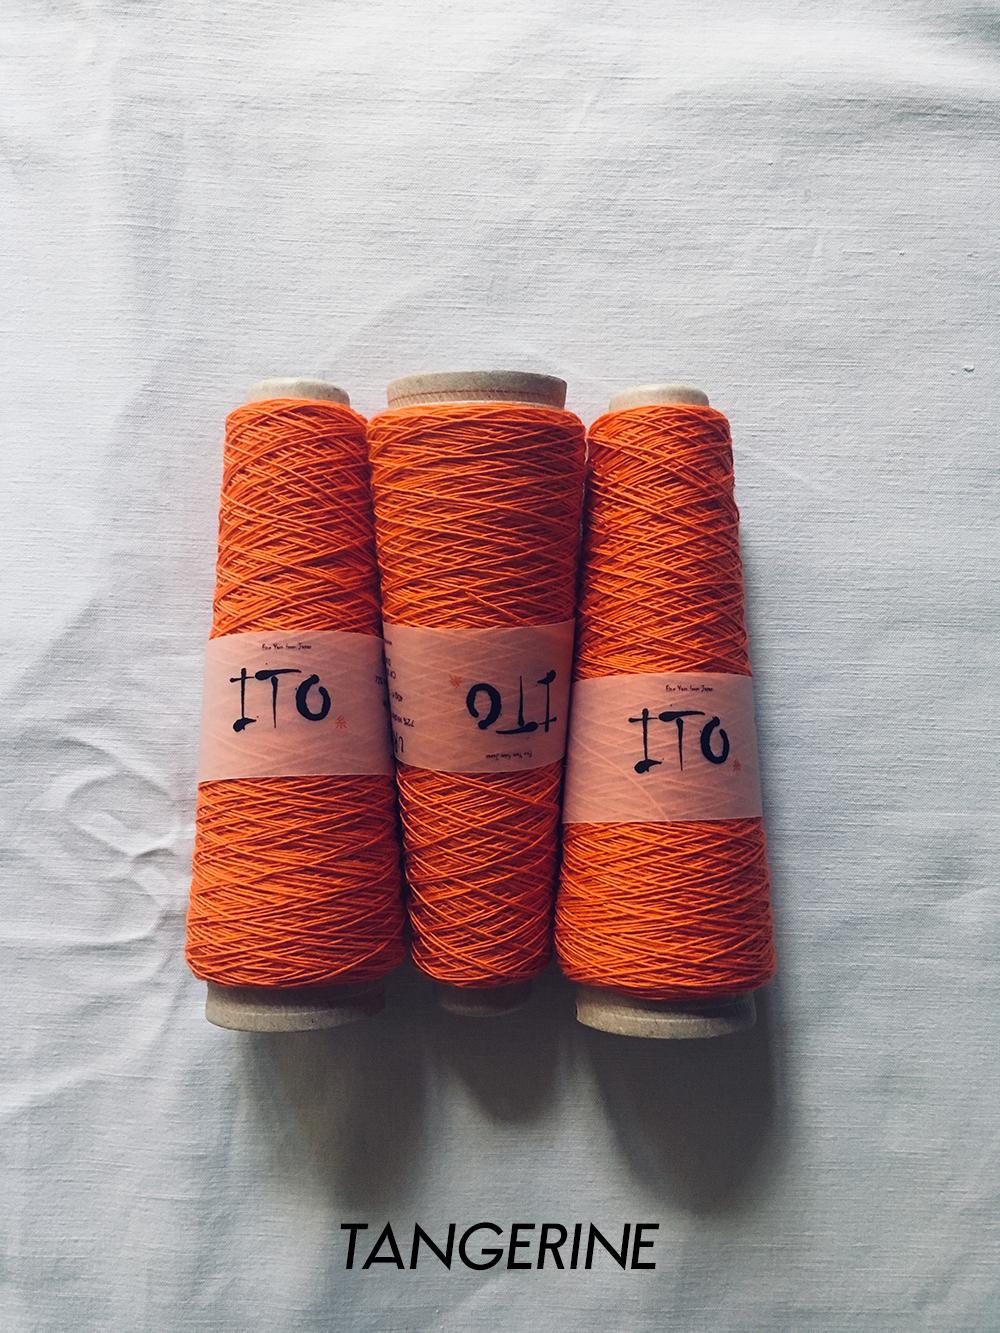 ito_urugami_tangerine_201_wool_done_knitting.jpg